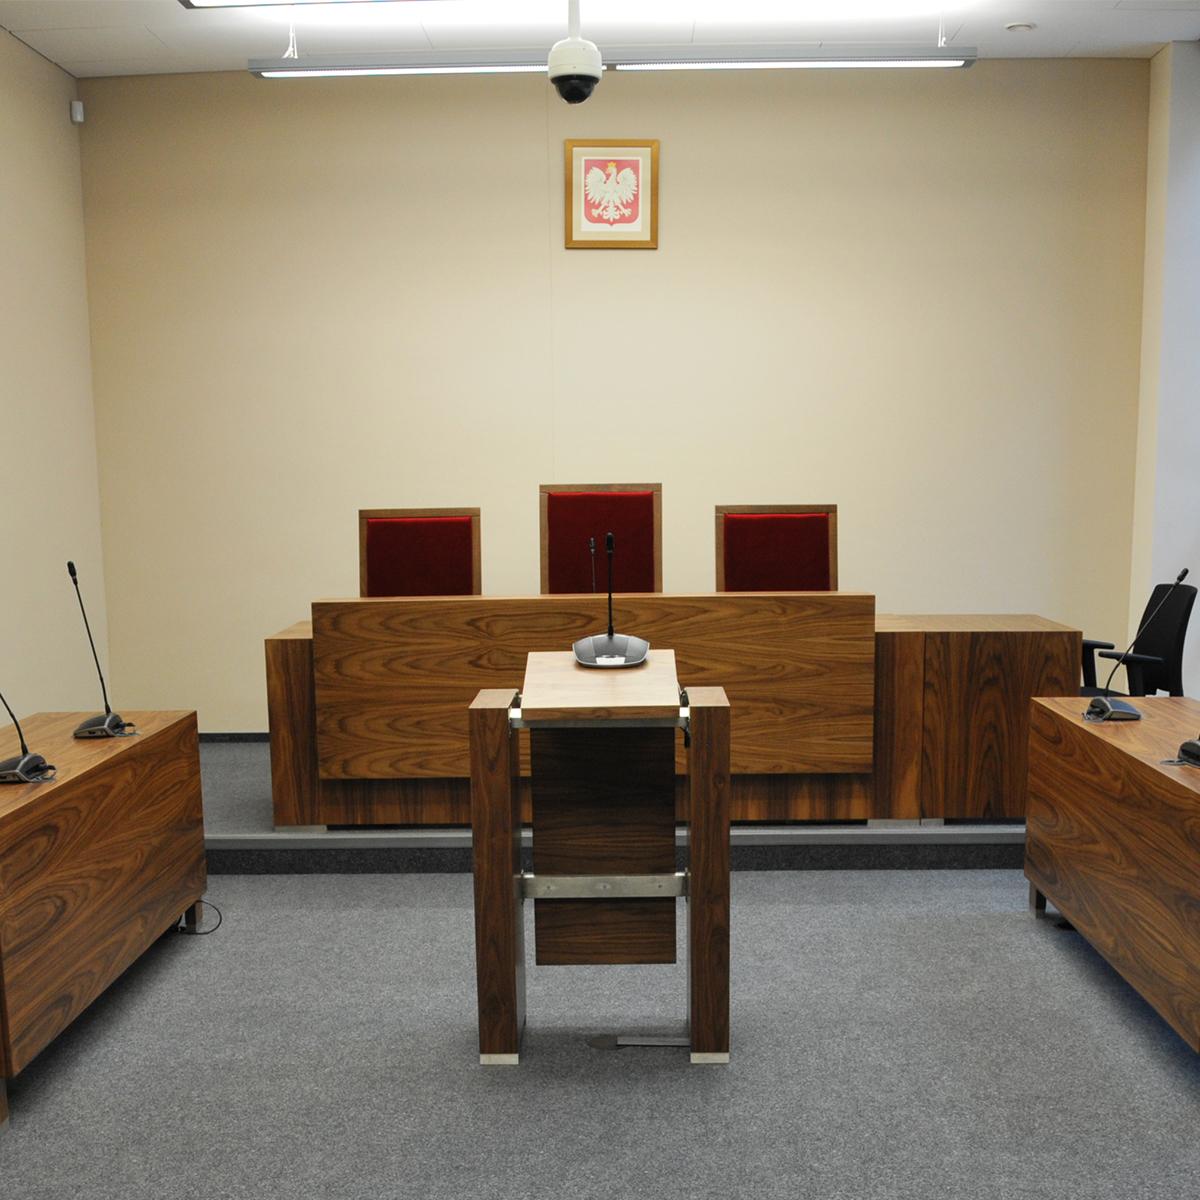 Rozwód Białystok - Jak wygląda przebieg rozprawy rozwodowej Część 2